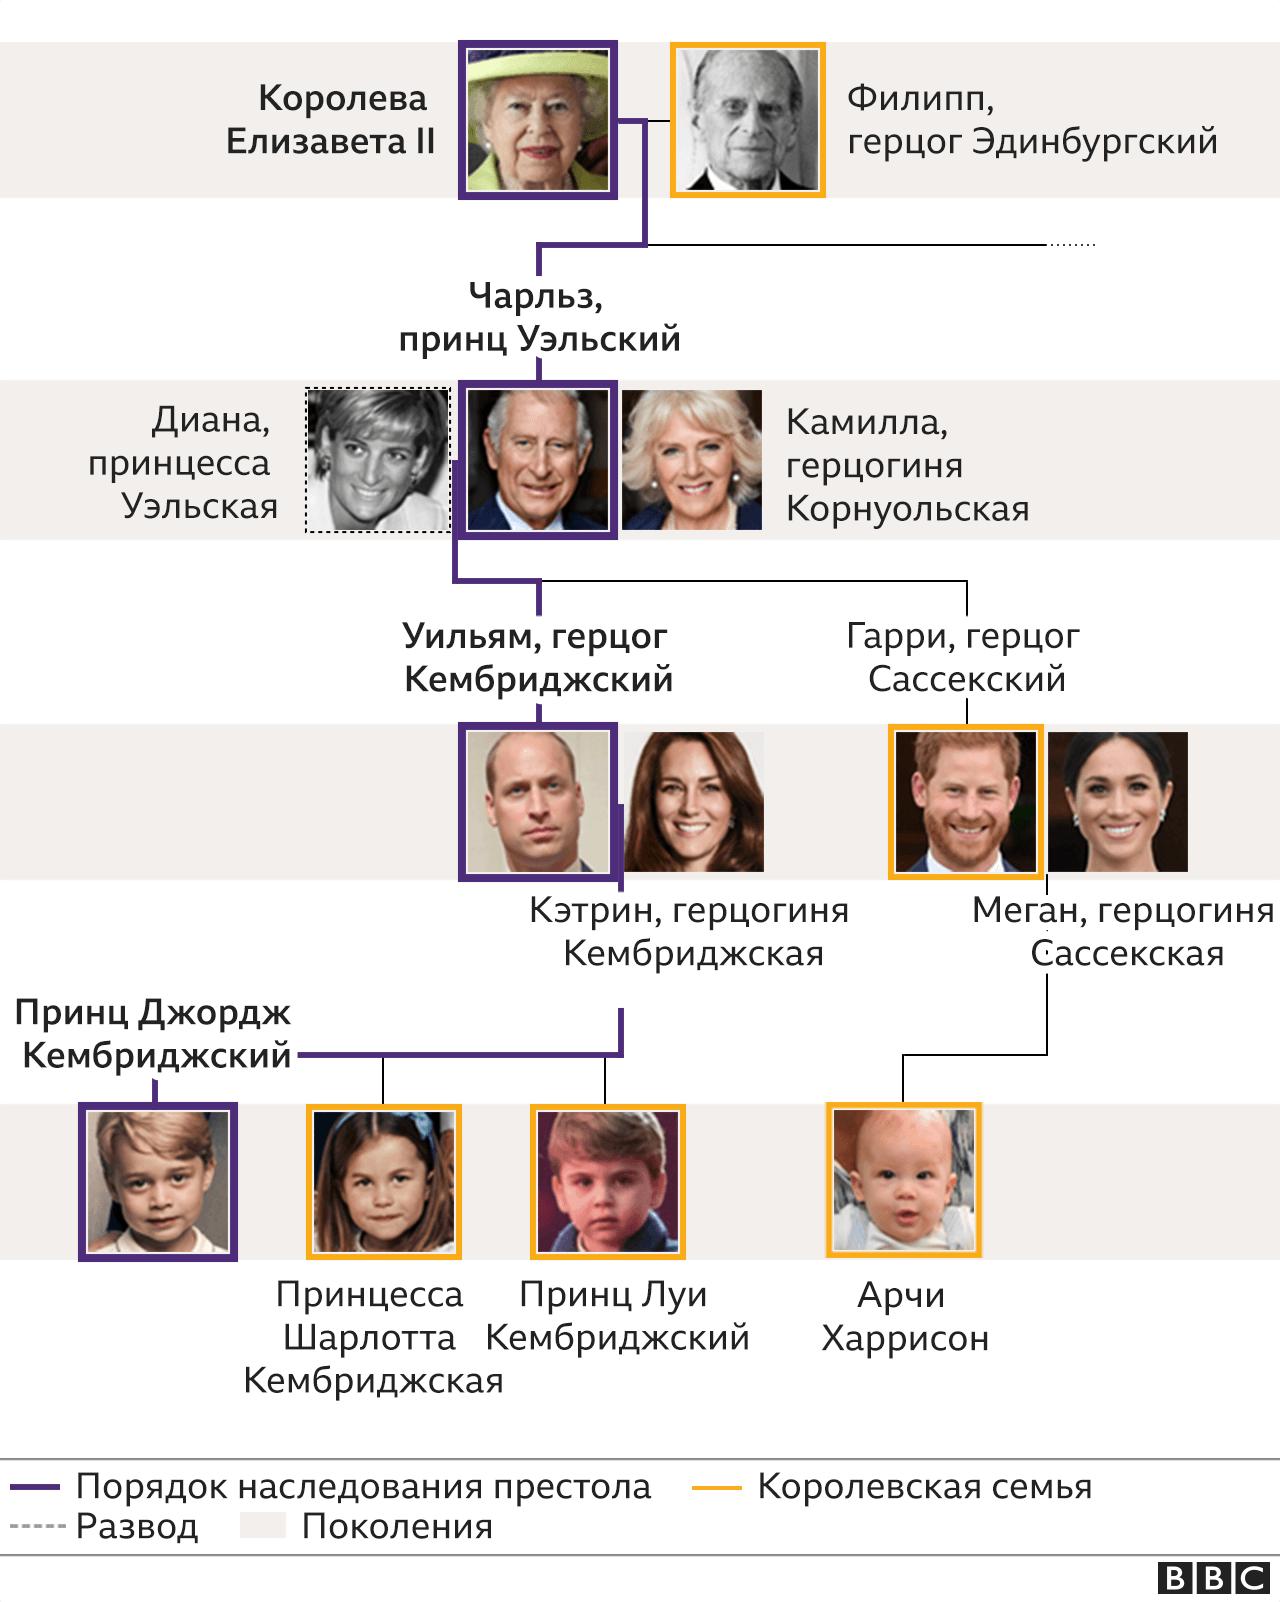 Семейное дерево королевской семьи